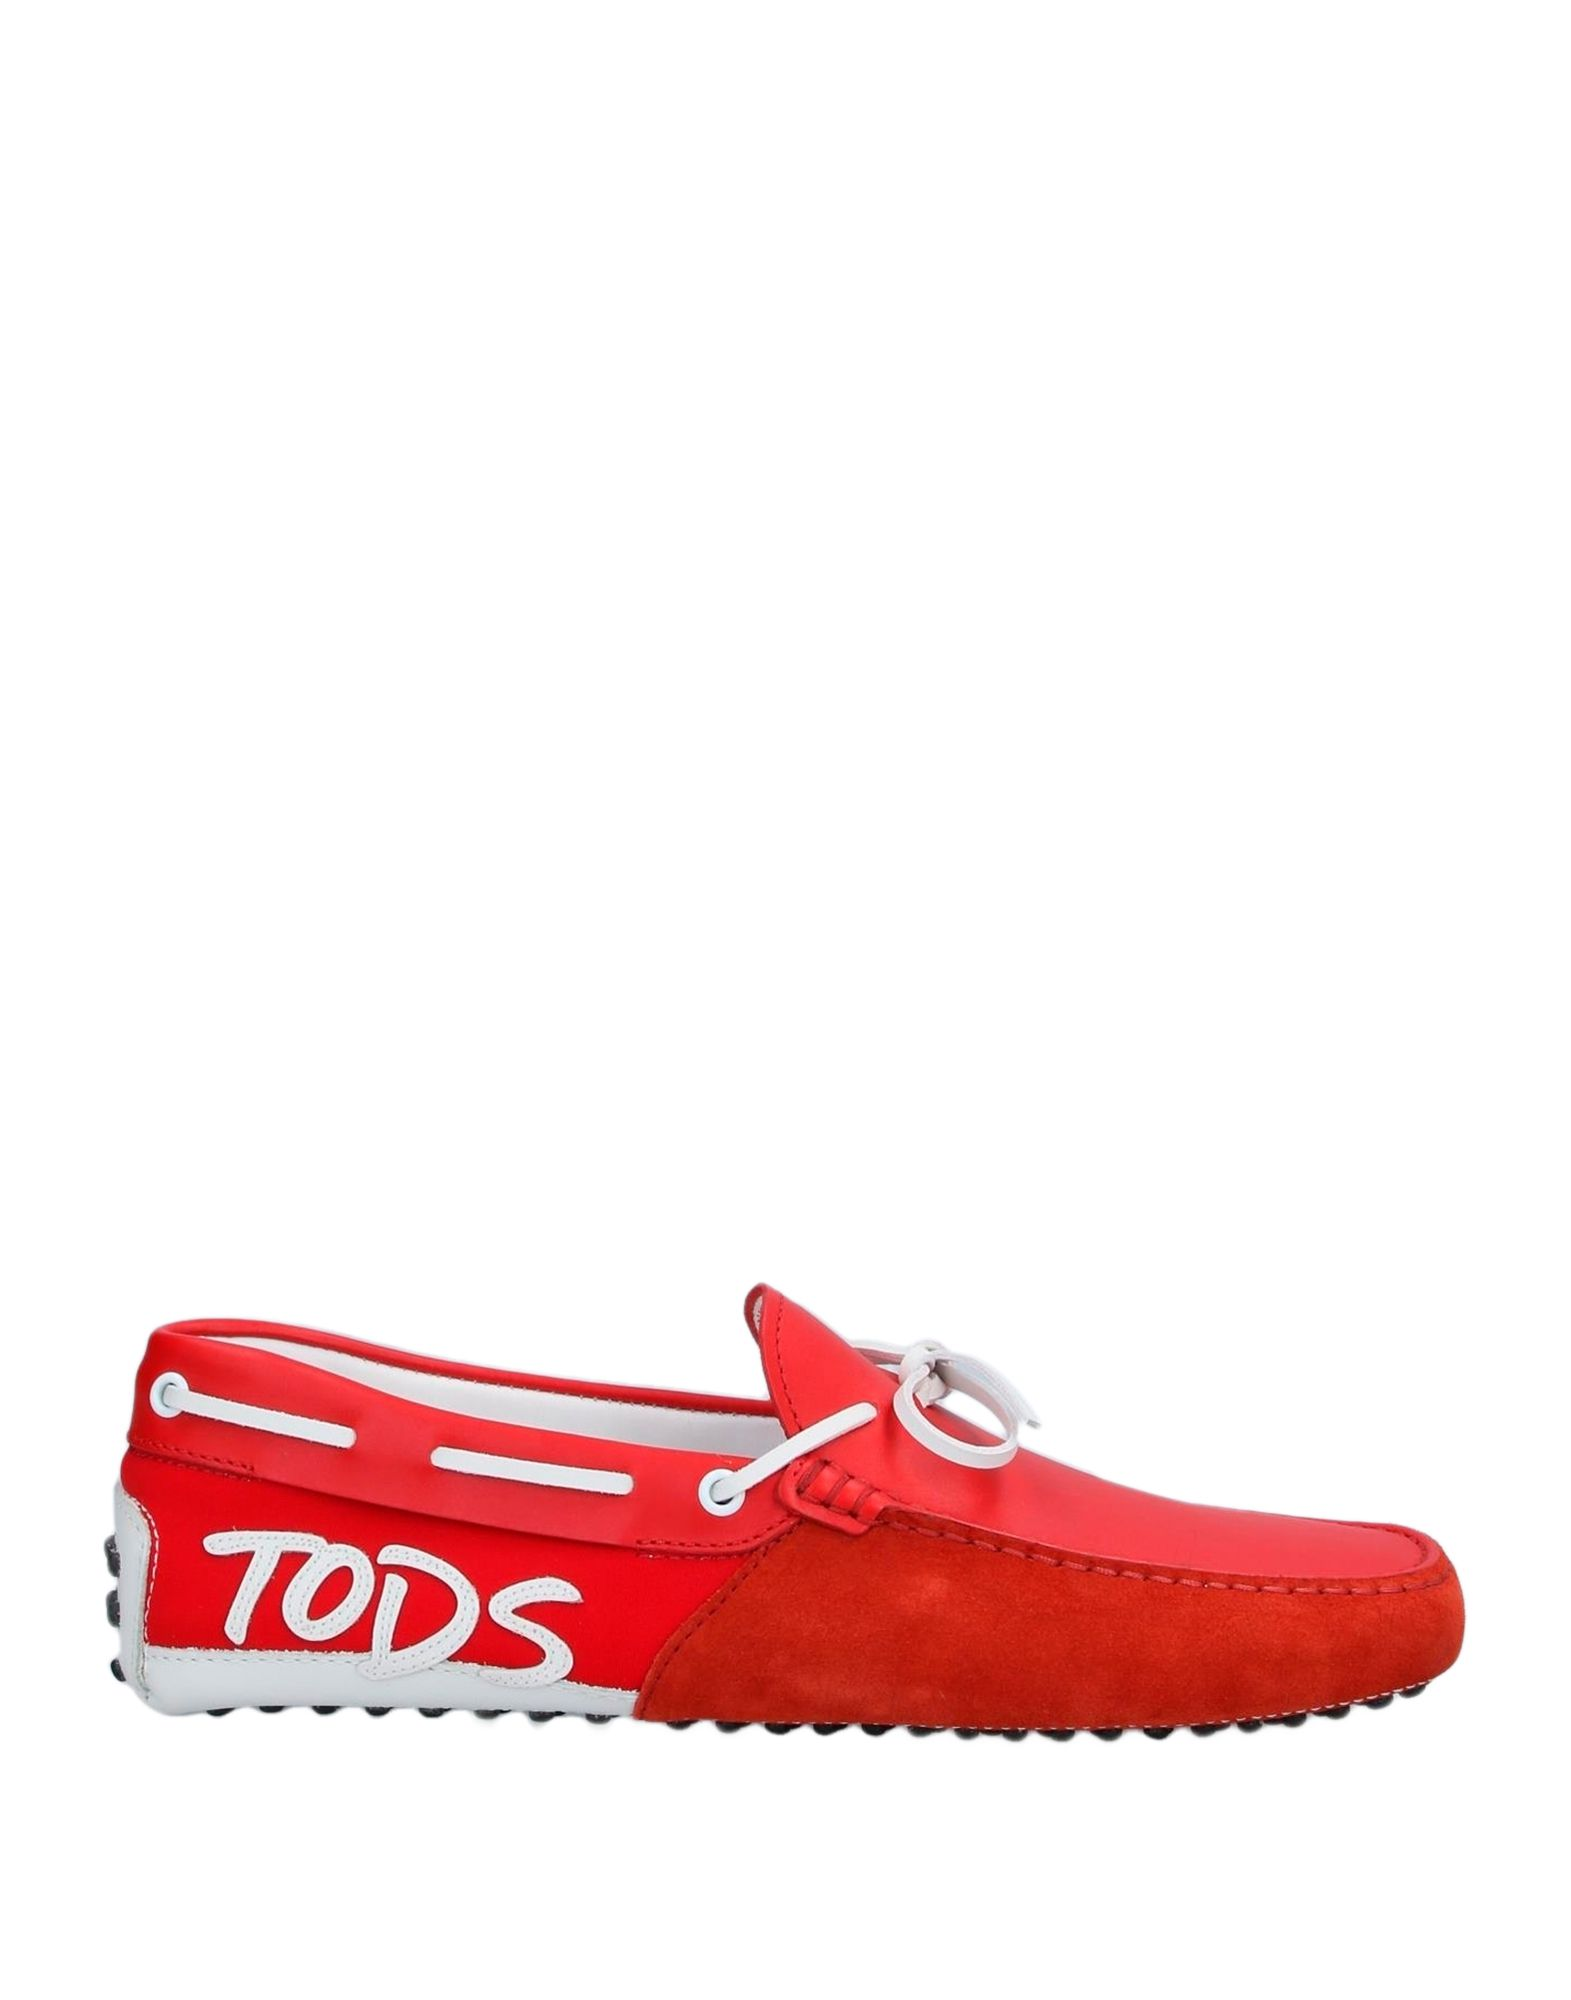 《セール開催中》TOD'S メンズ モカシン レッド 10.5 革